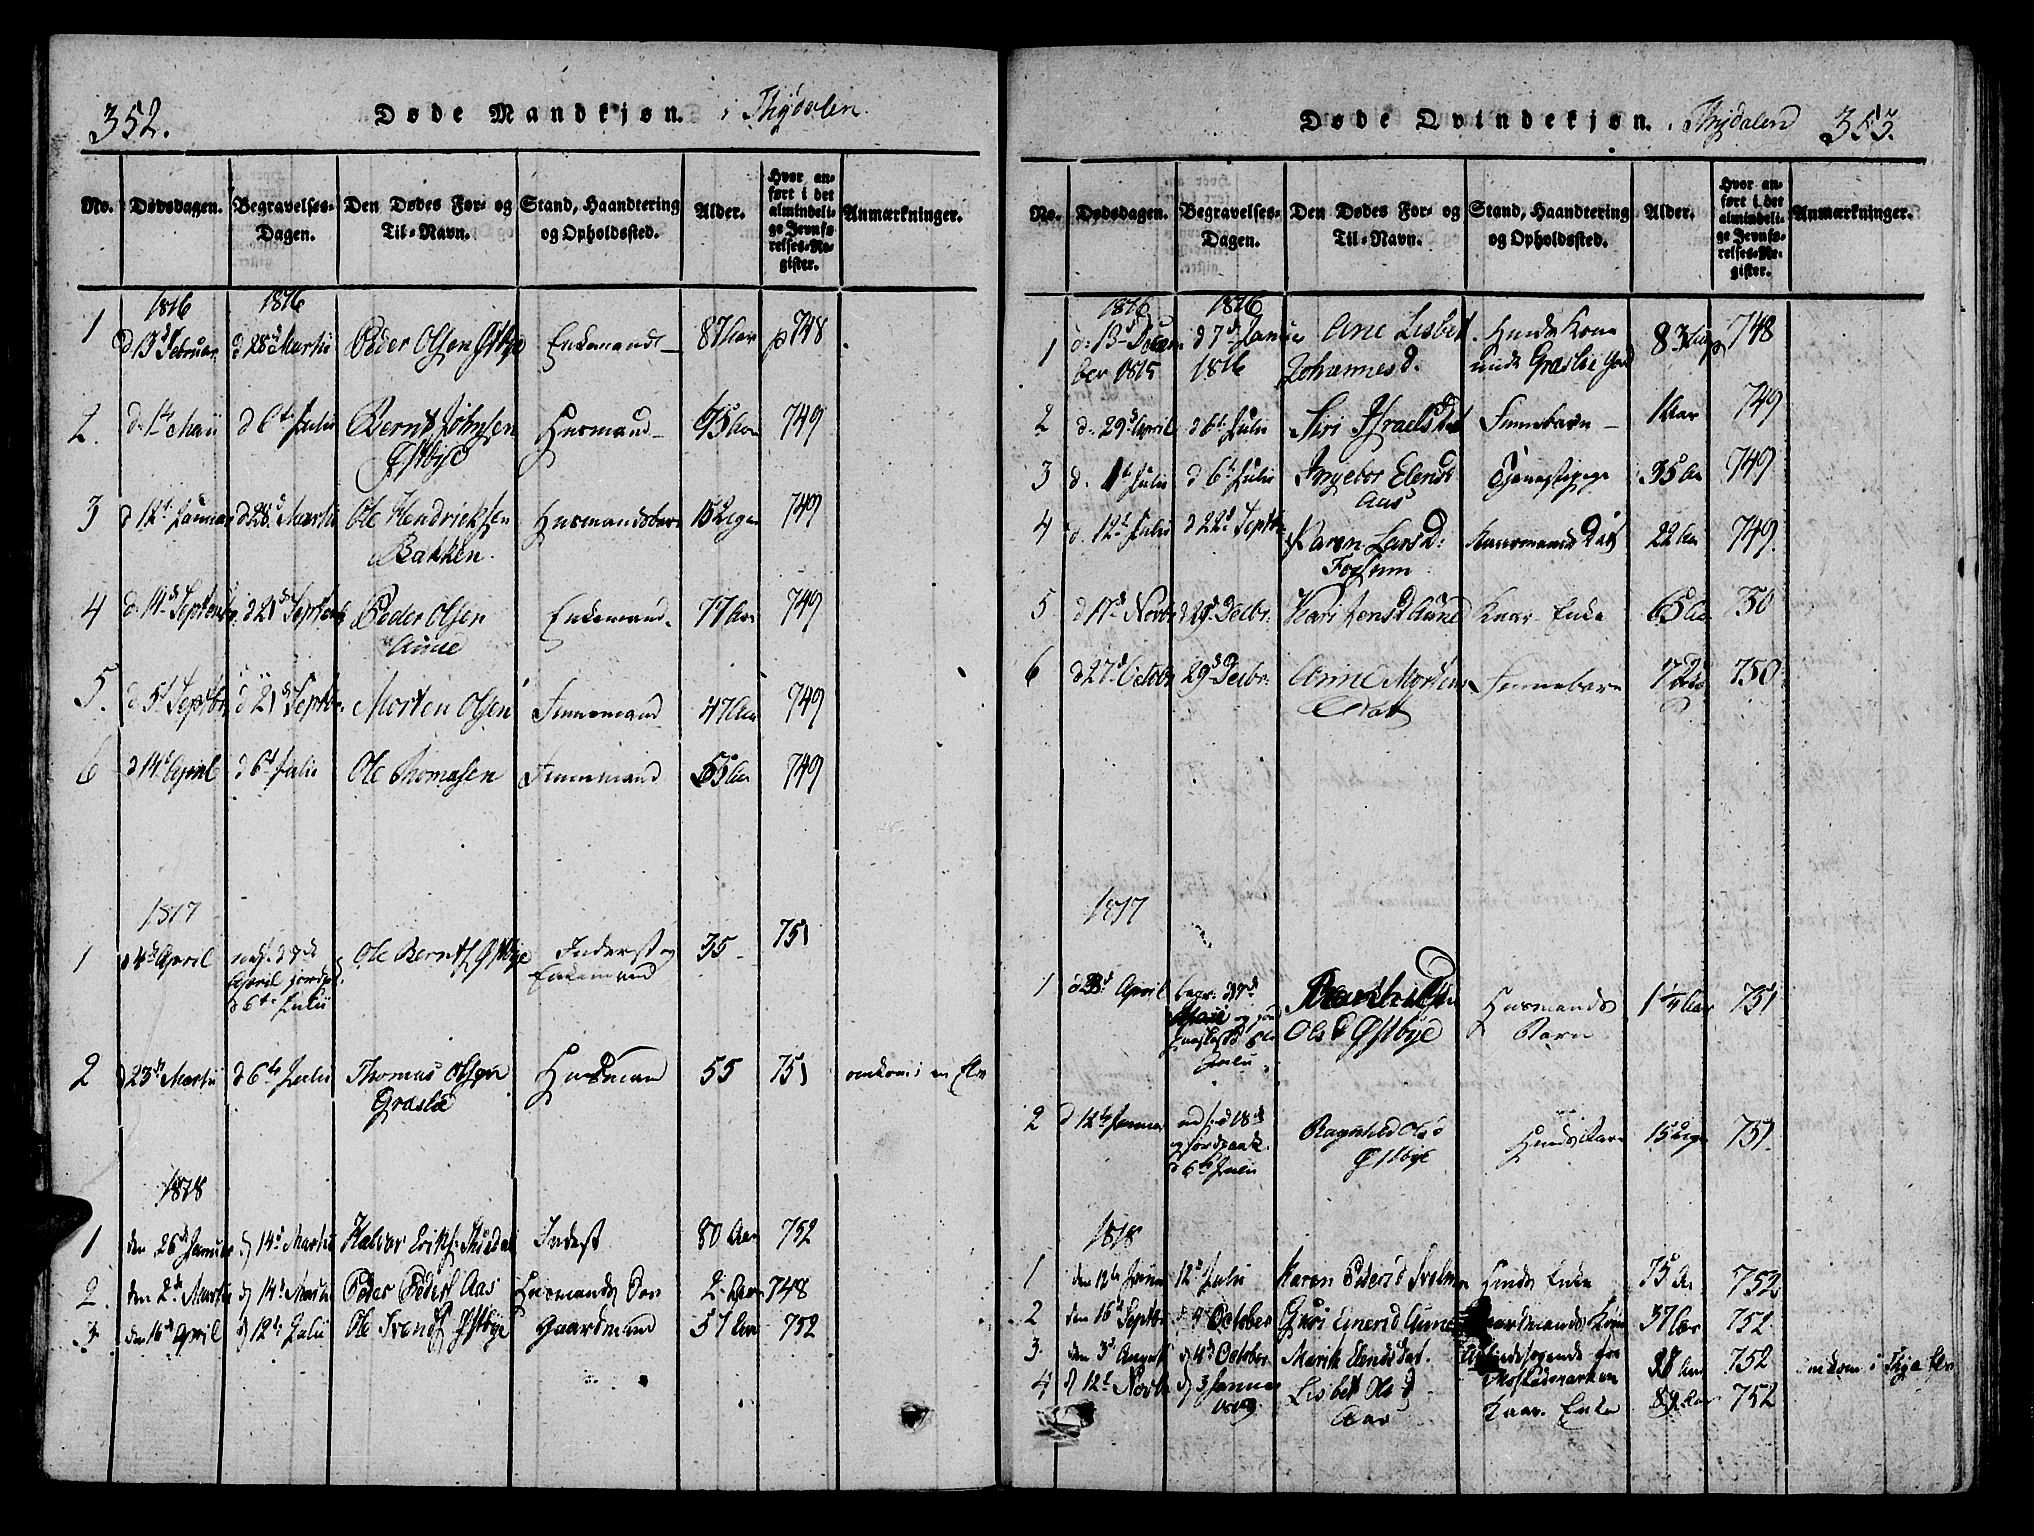 SAT, Ministerialprotokoller, klokkerbøker og fødselsregistre - Sør-Trøndelag, 695/L1142: Ministerialbok nr. 695A04 /2, 1816-1824, s. 352-353